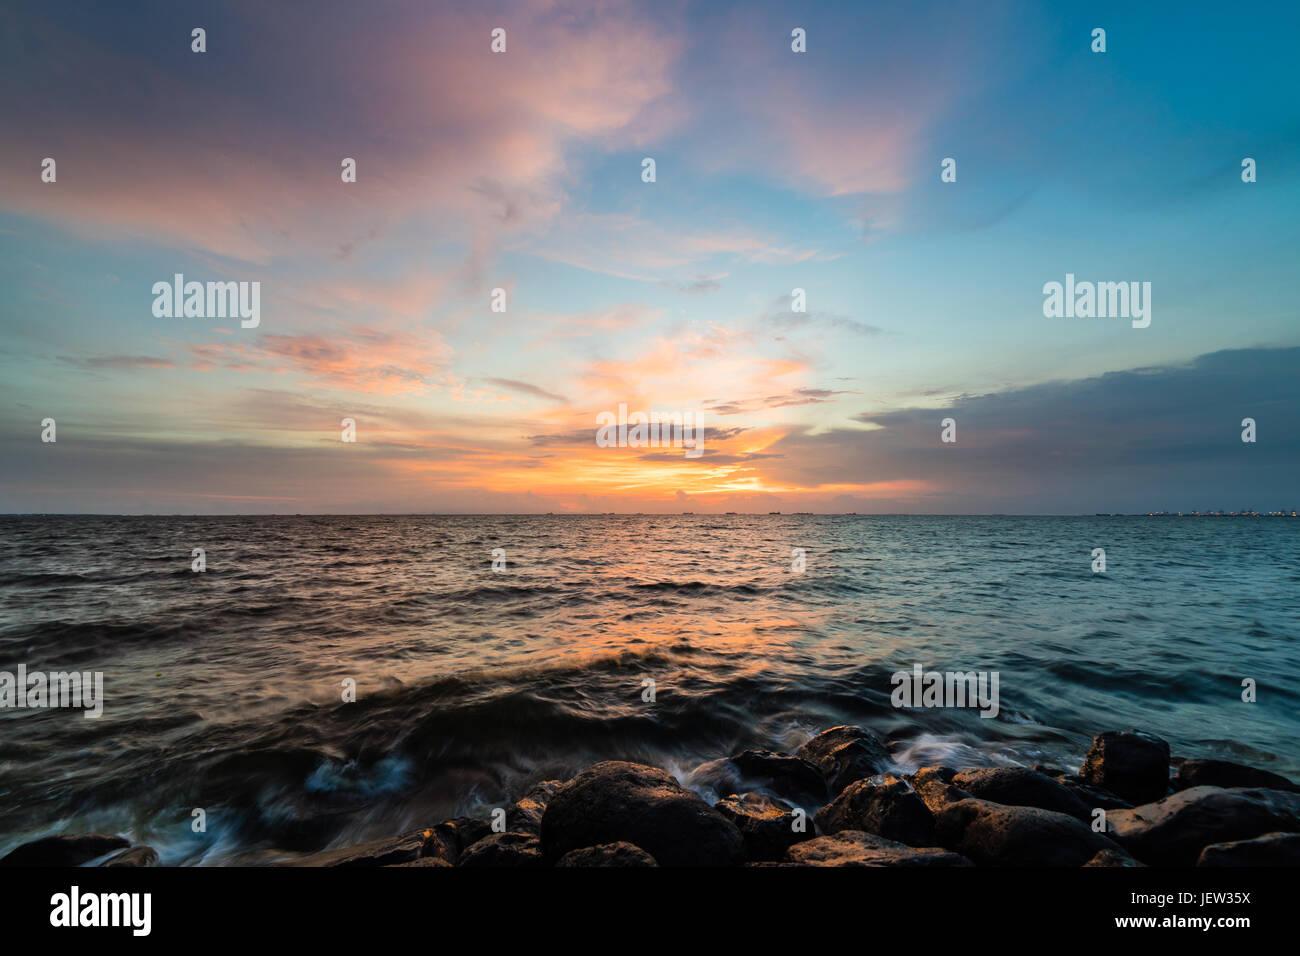 Manila bay sunset - Stock Image